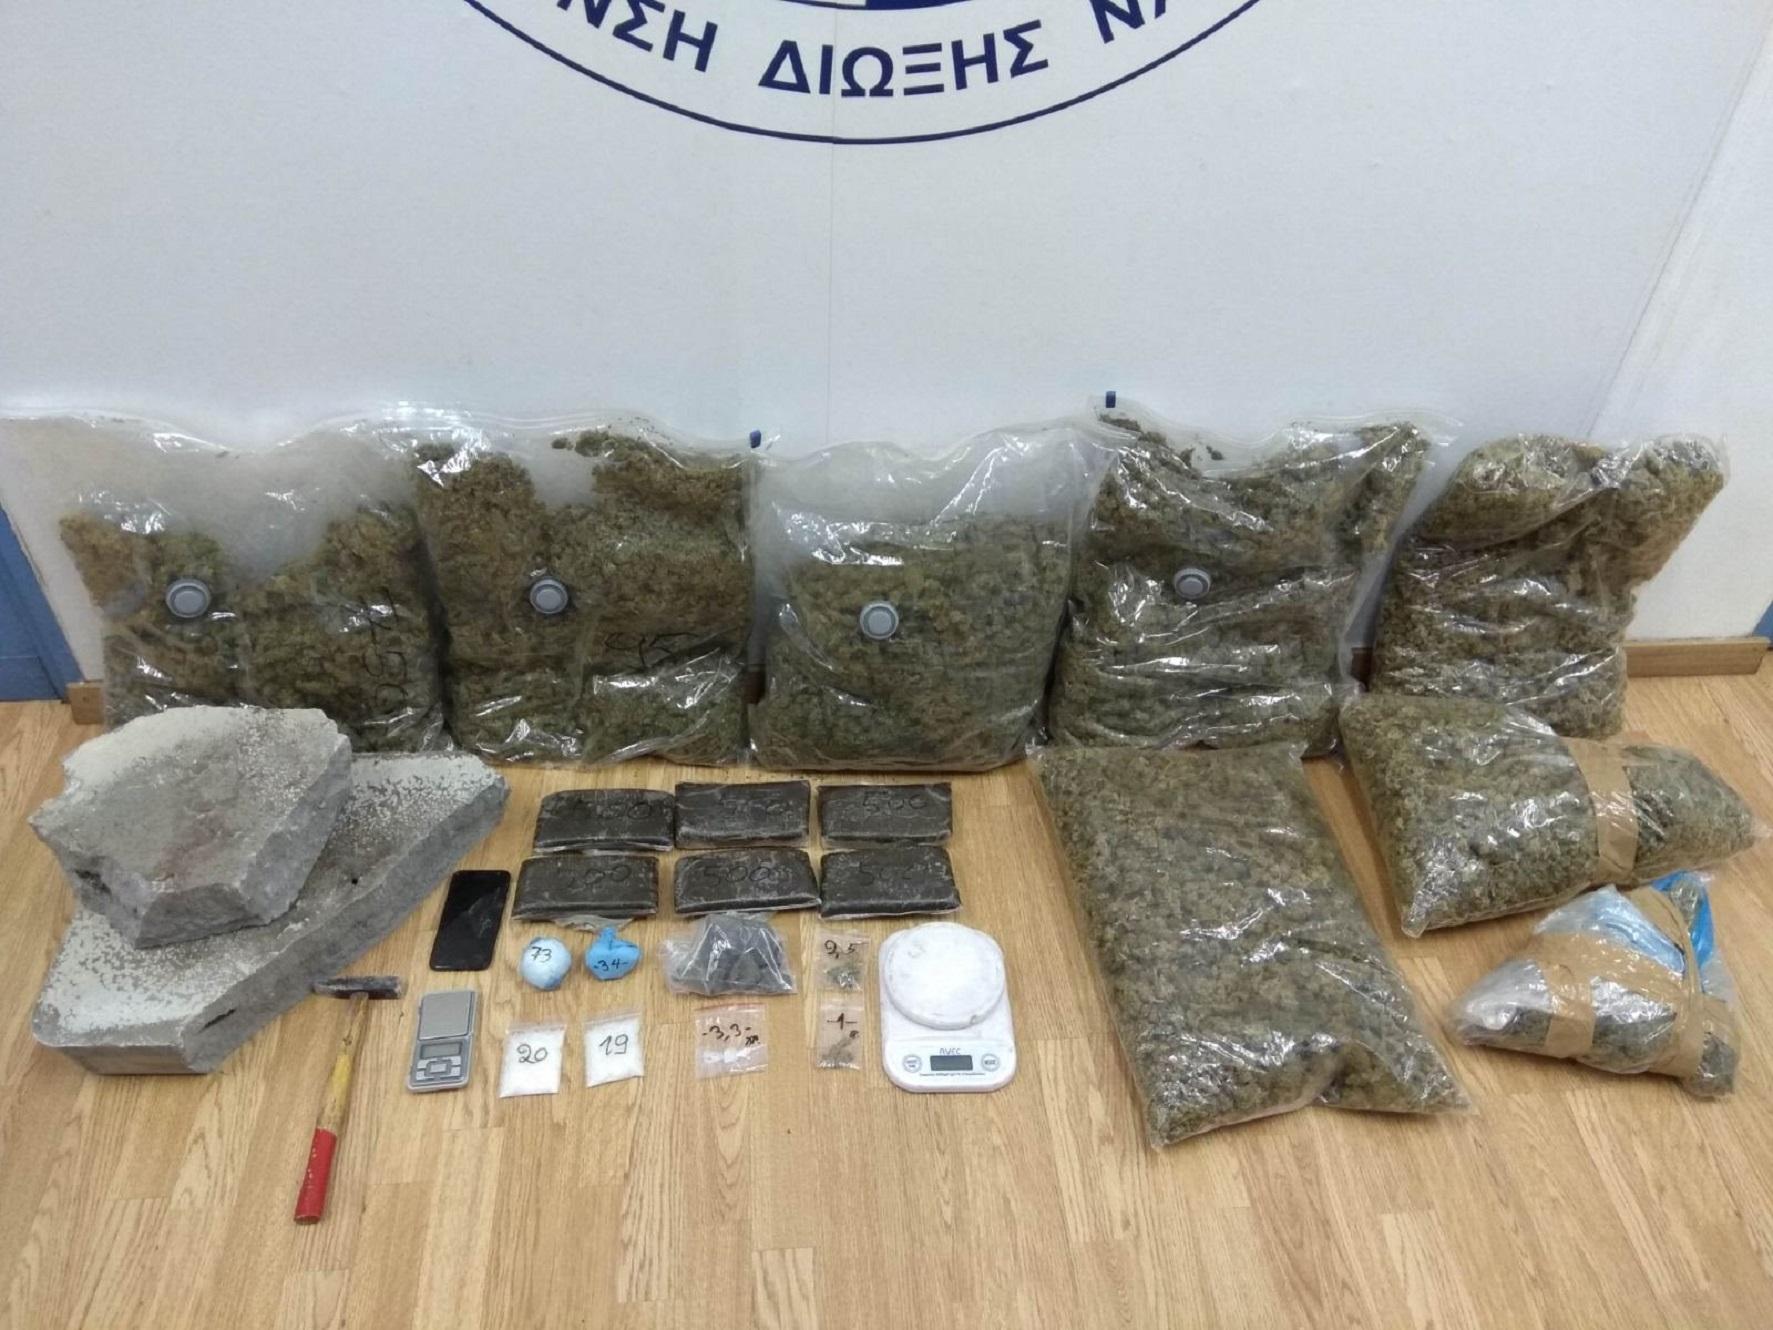 Συνελήφθη 47χρονος με μεγάλες ποσότητες ηρωίνης, χασίς και κρυσταλλικής μεθαμφεταμίνης